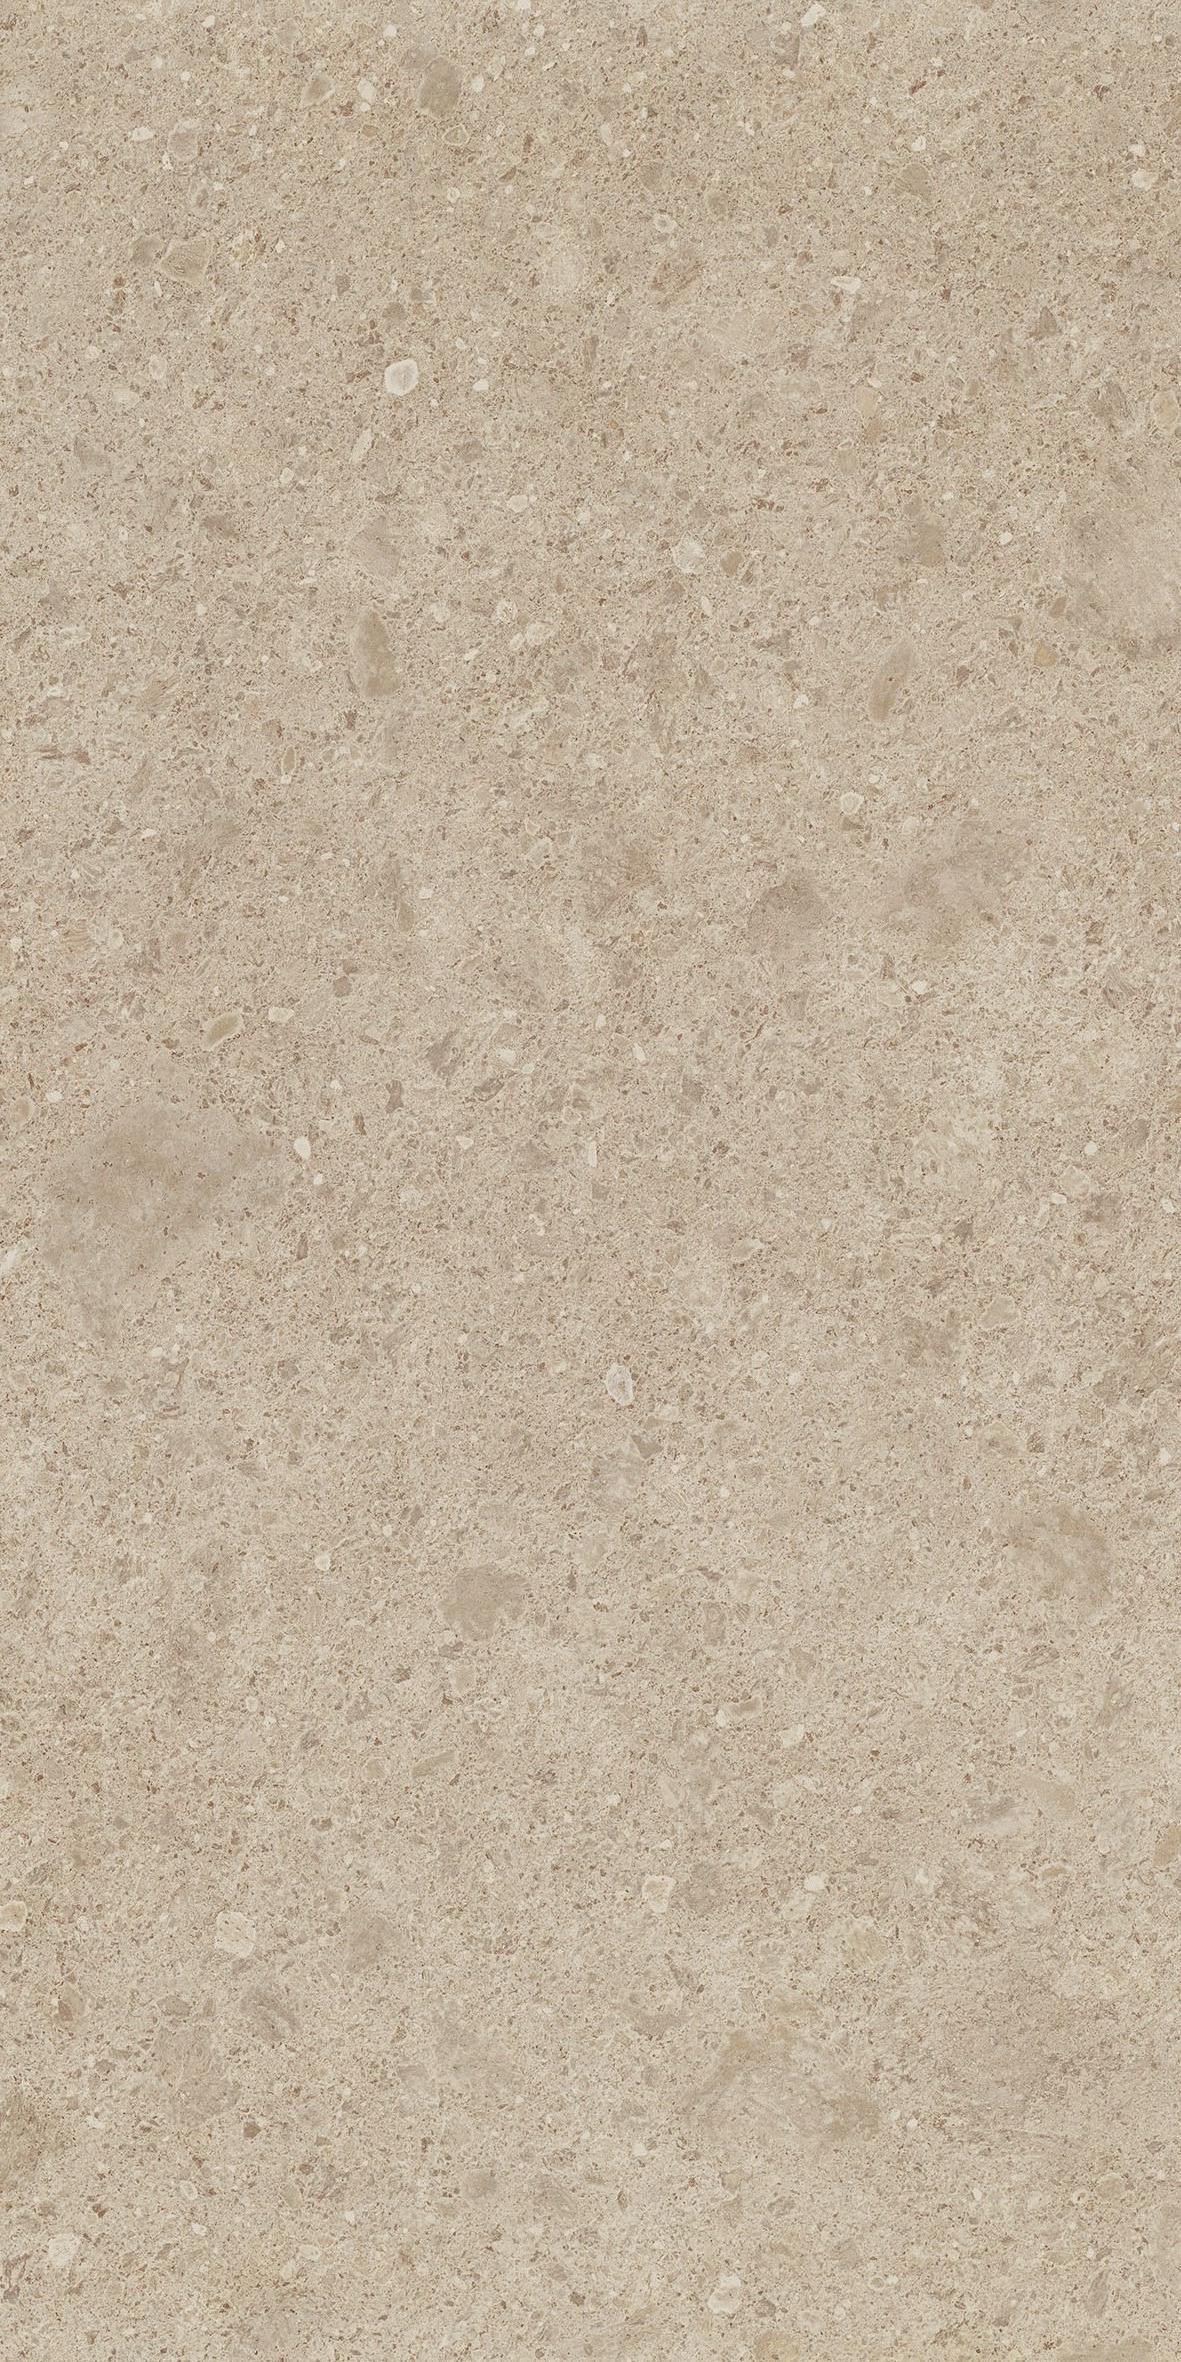 плитка из керамогранита структурированная italon дженезис 30x60 серый 610010001387 Плитка из керамогранита структурированная Italon Дженезис 30x60 бежевый (610010001385)